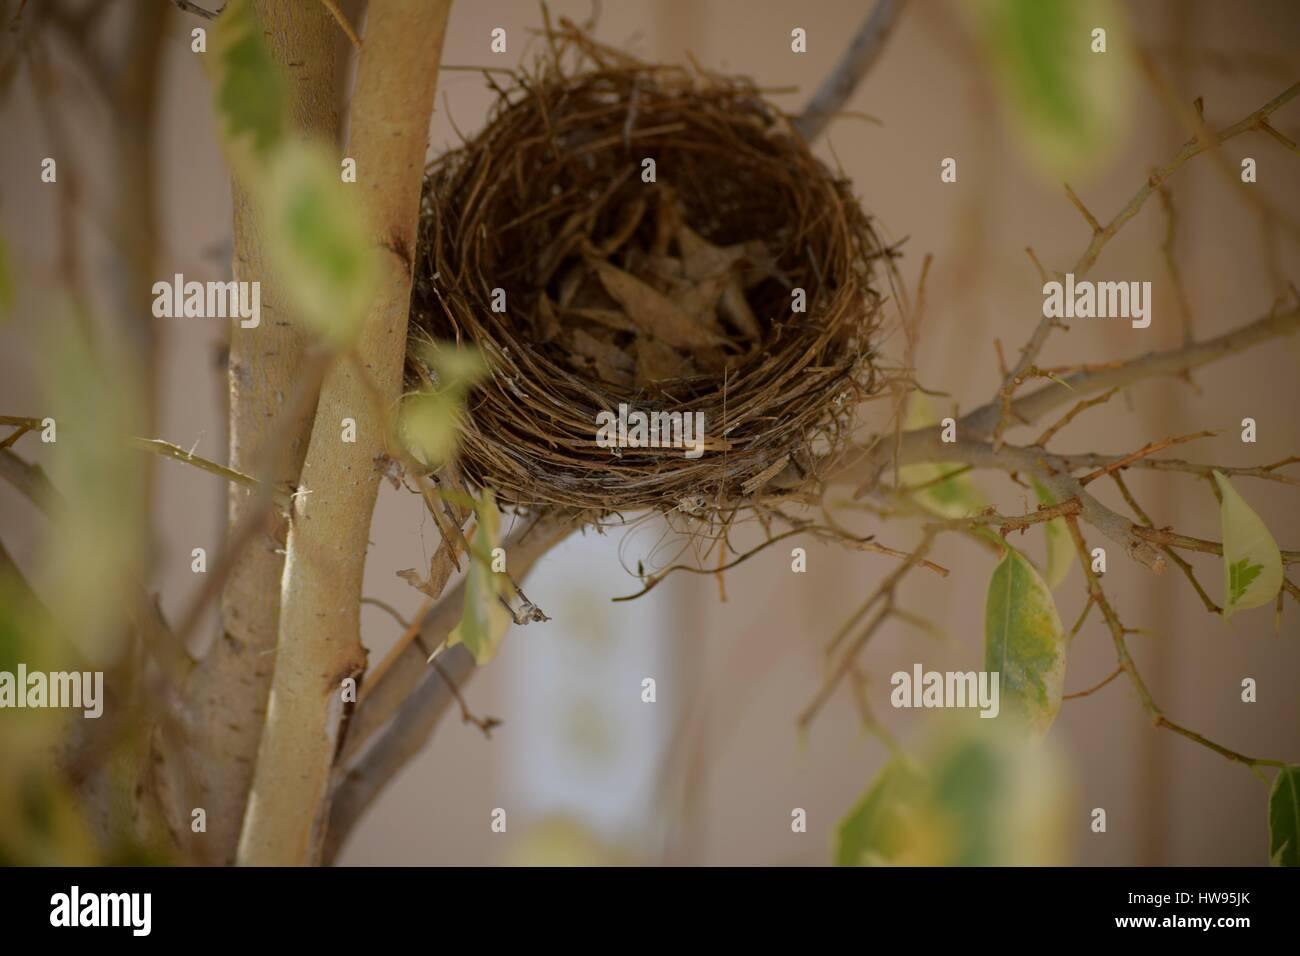 Vuoto Di Nidificazione Di Un Uccello Nido Vuoto Anche Una